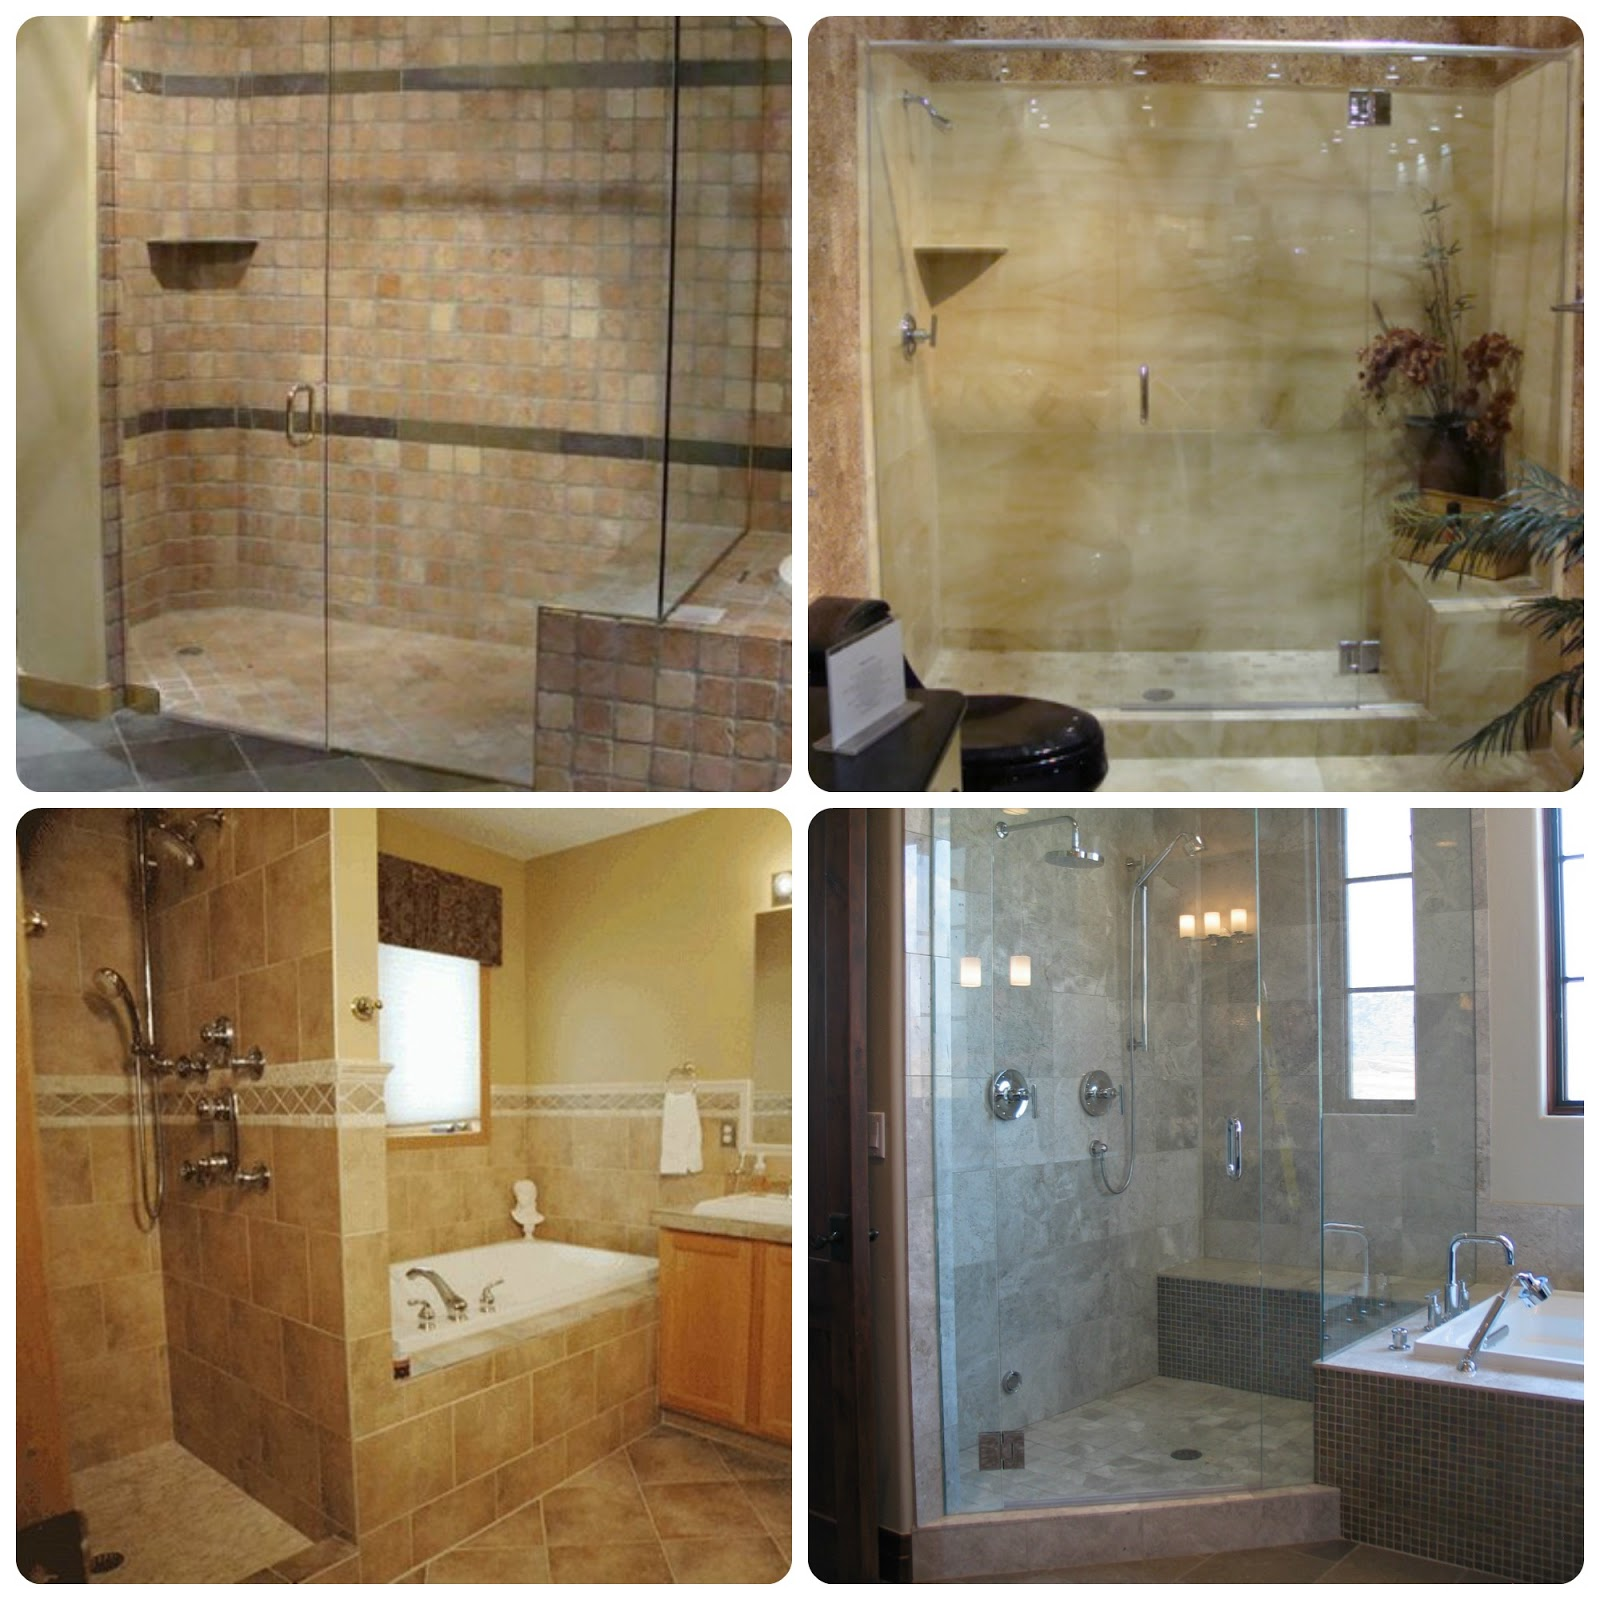 Pavimentos y alicatados ideas para duchas de obra Ideas para duchas de obra